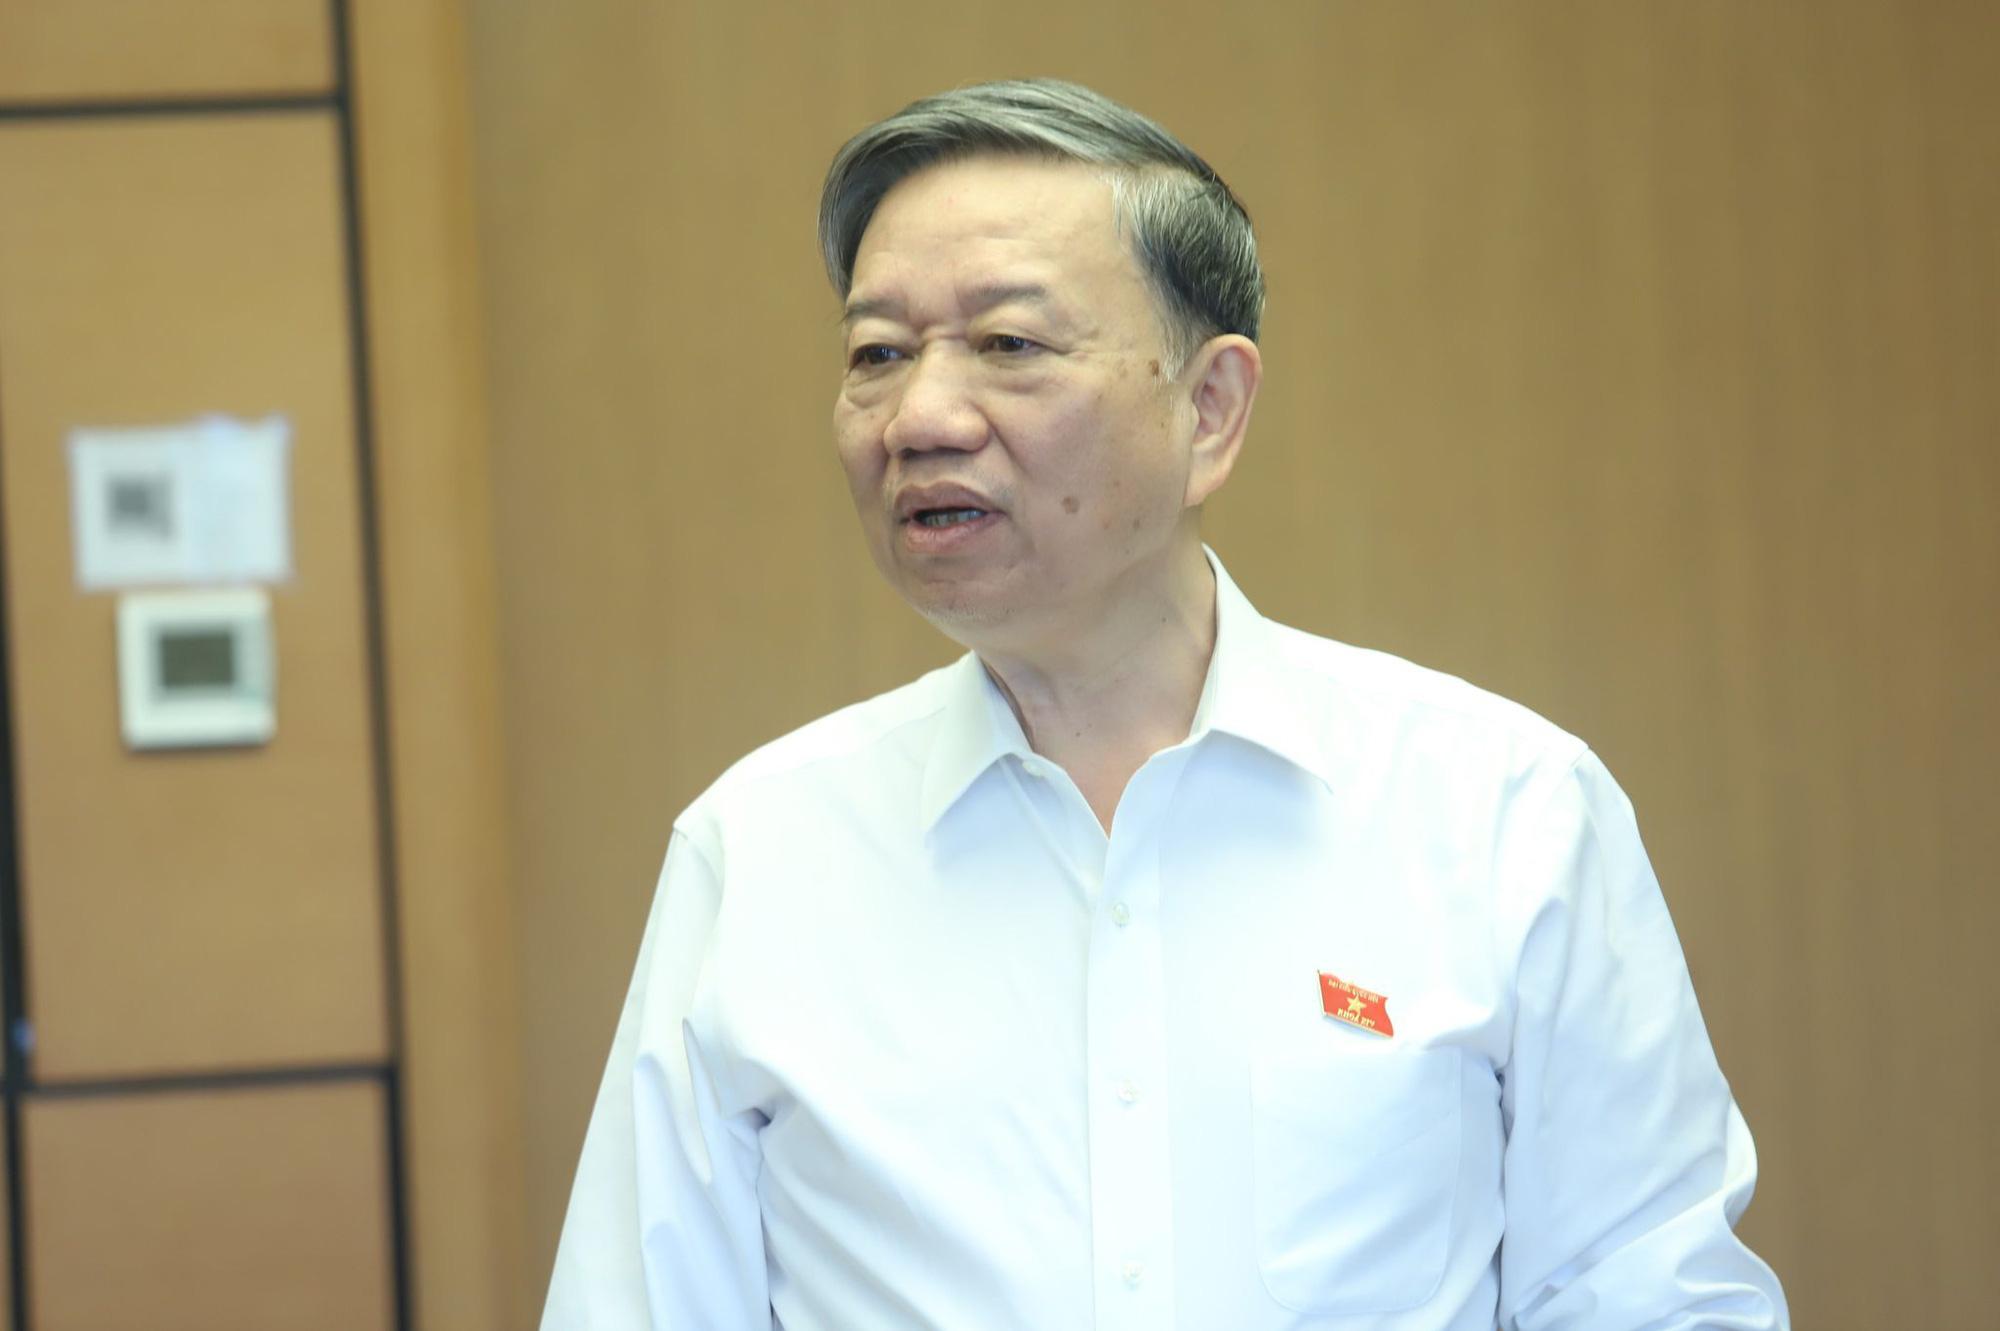 Bộ trưởng Bộ Công an: Xe ưu tiên vượt đèn đỏ là rất vô lý - Ảnh 1.